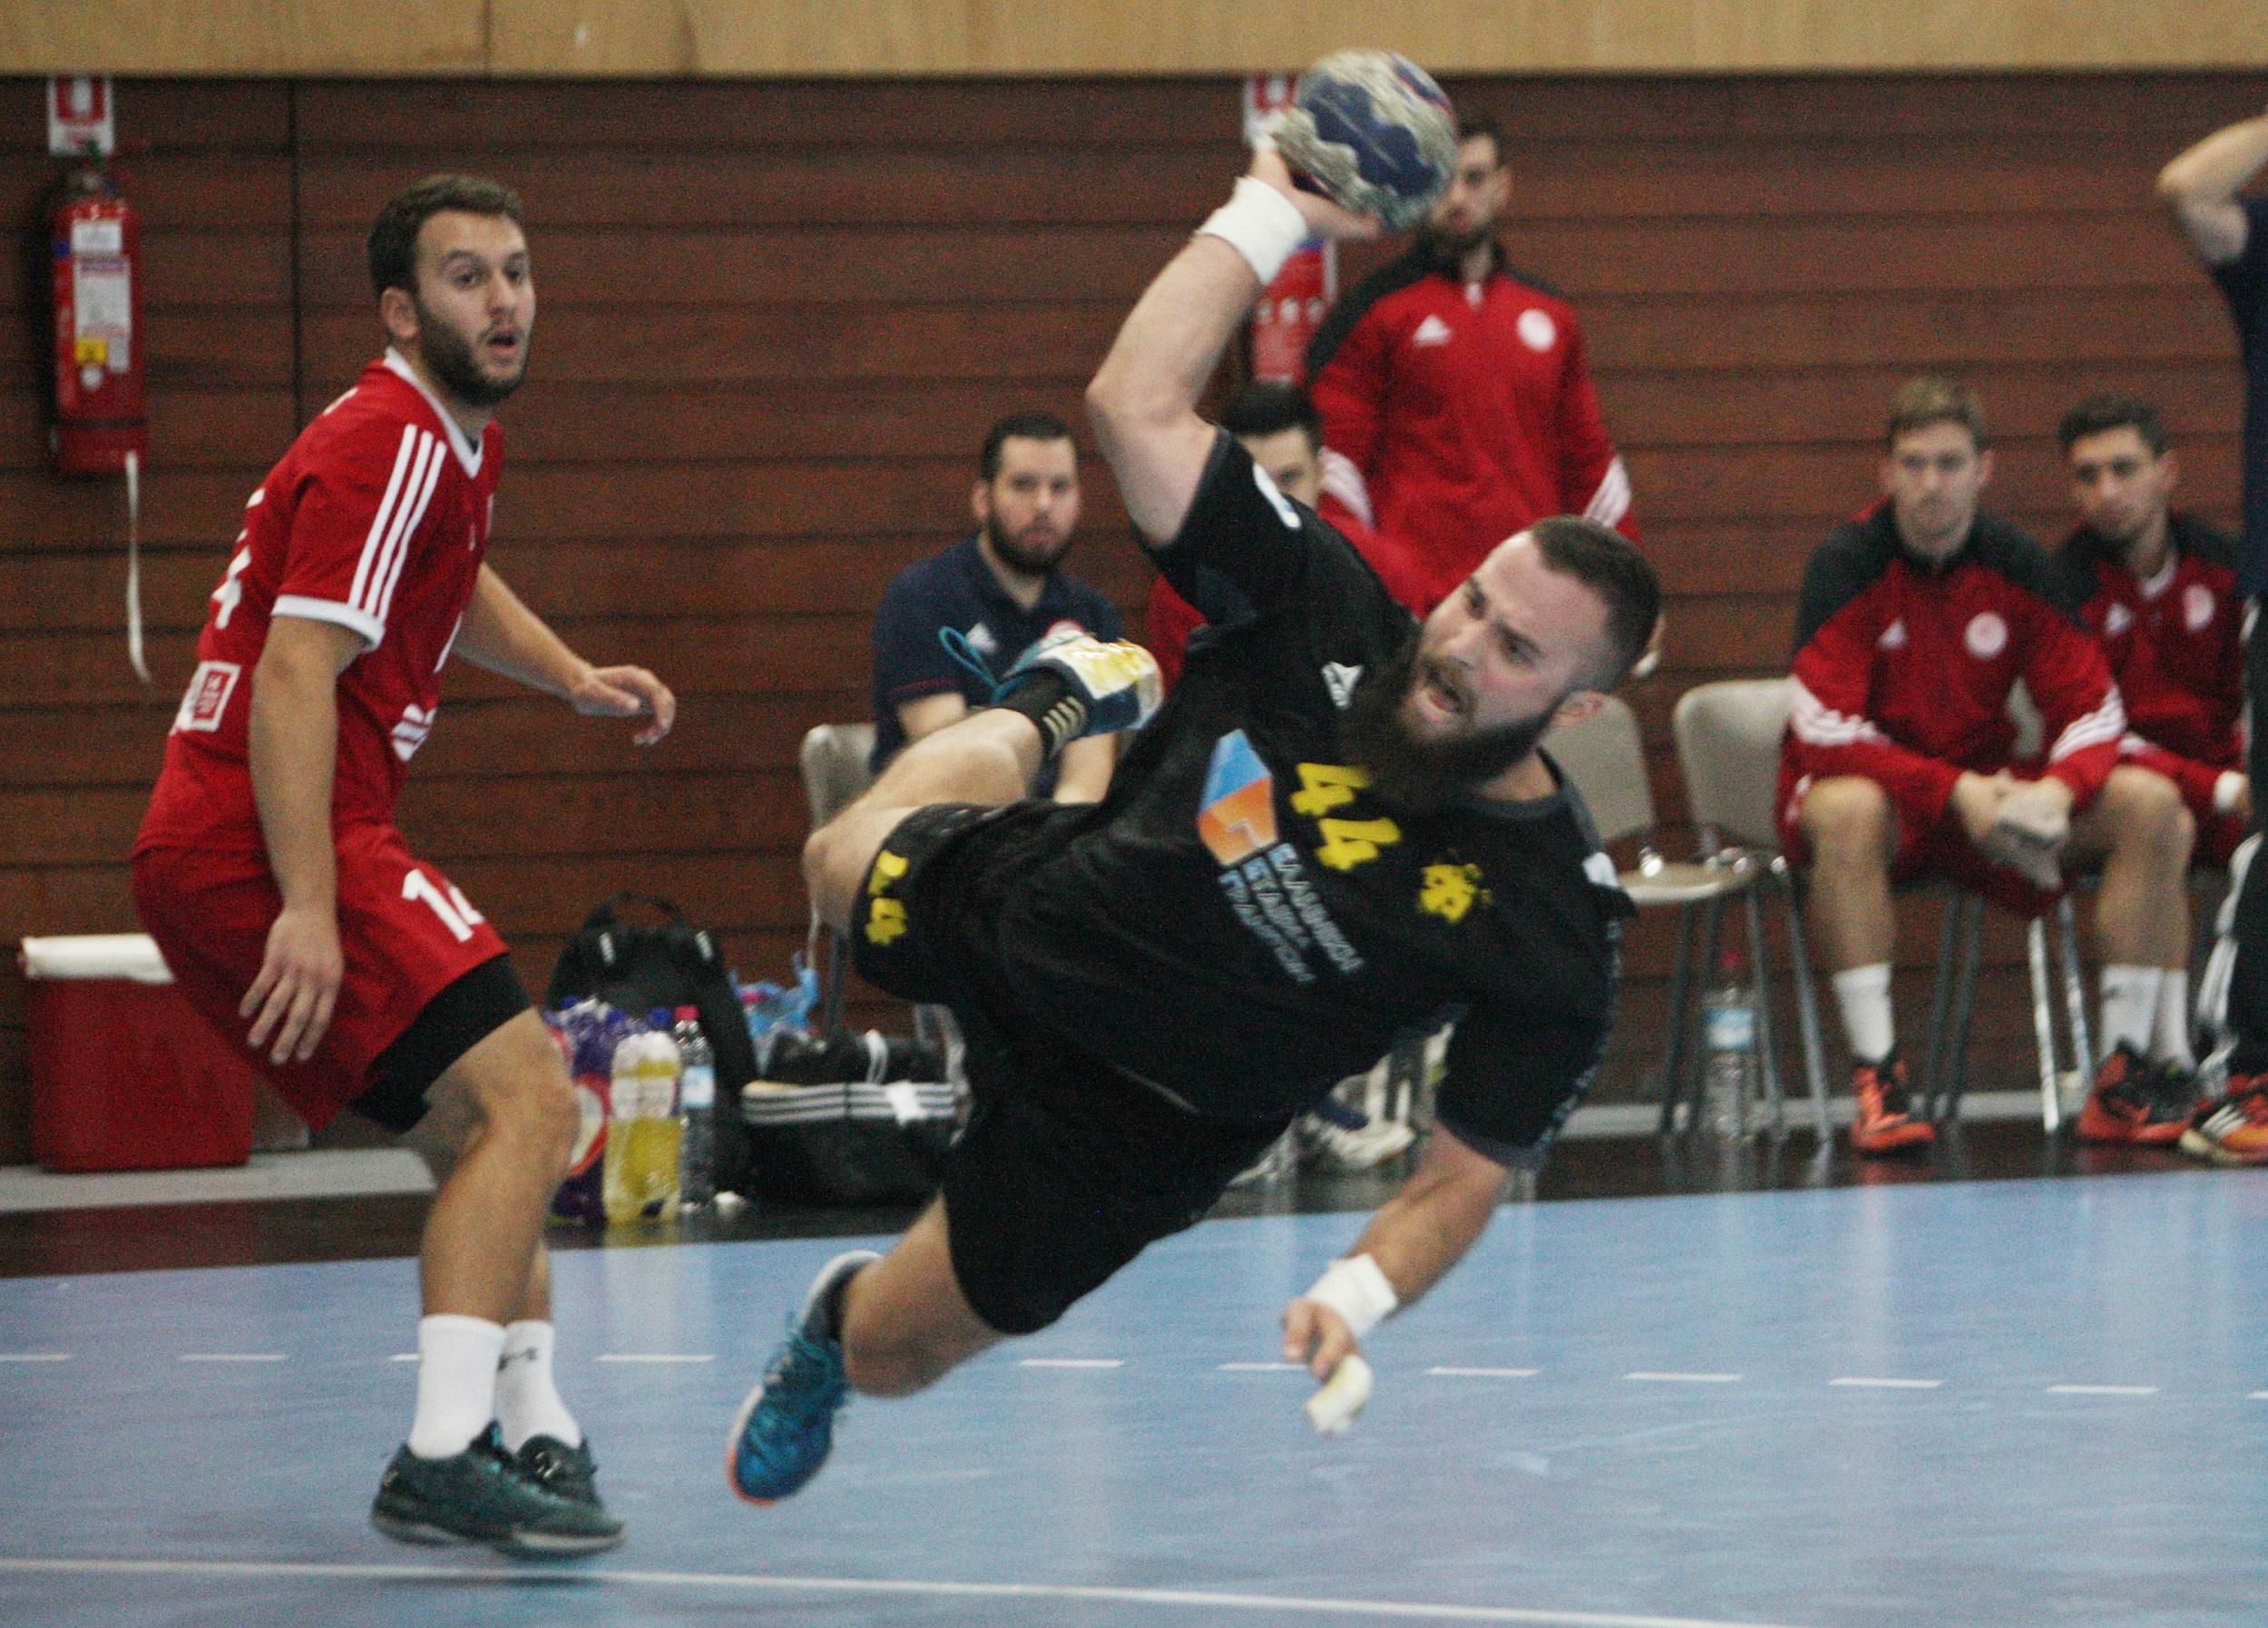 Αποτέλεσμα εικόνας για Ολυμπιακός - ΑΕΚ Handball Premier - 3ος τελικός, χάντμπολ